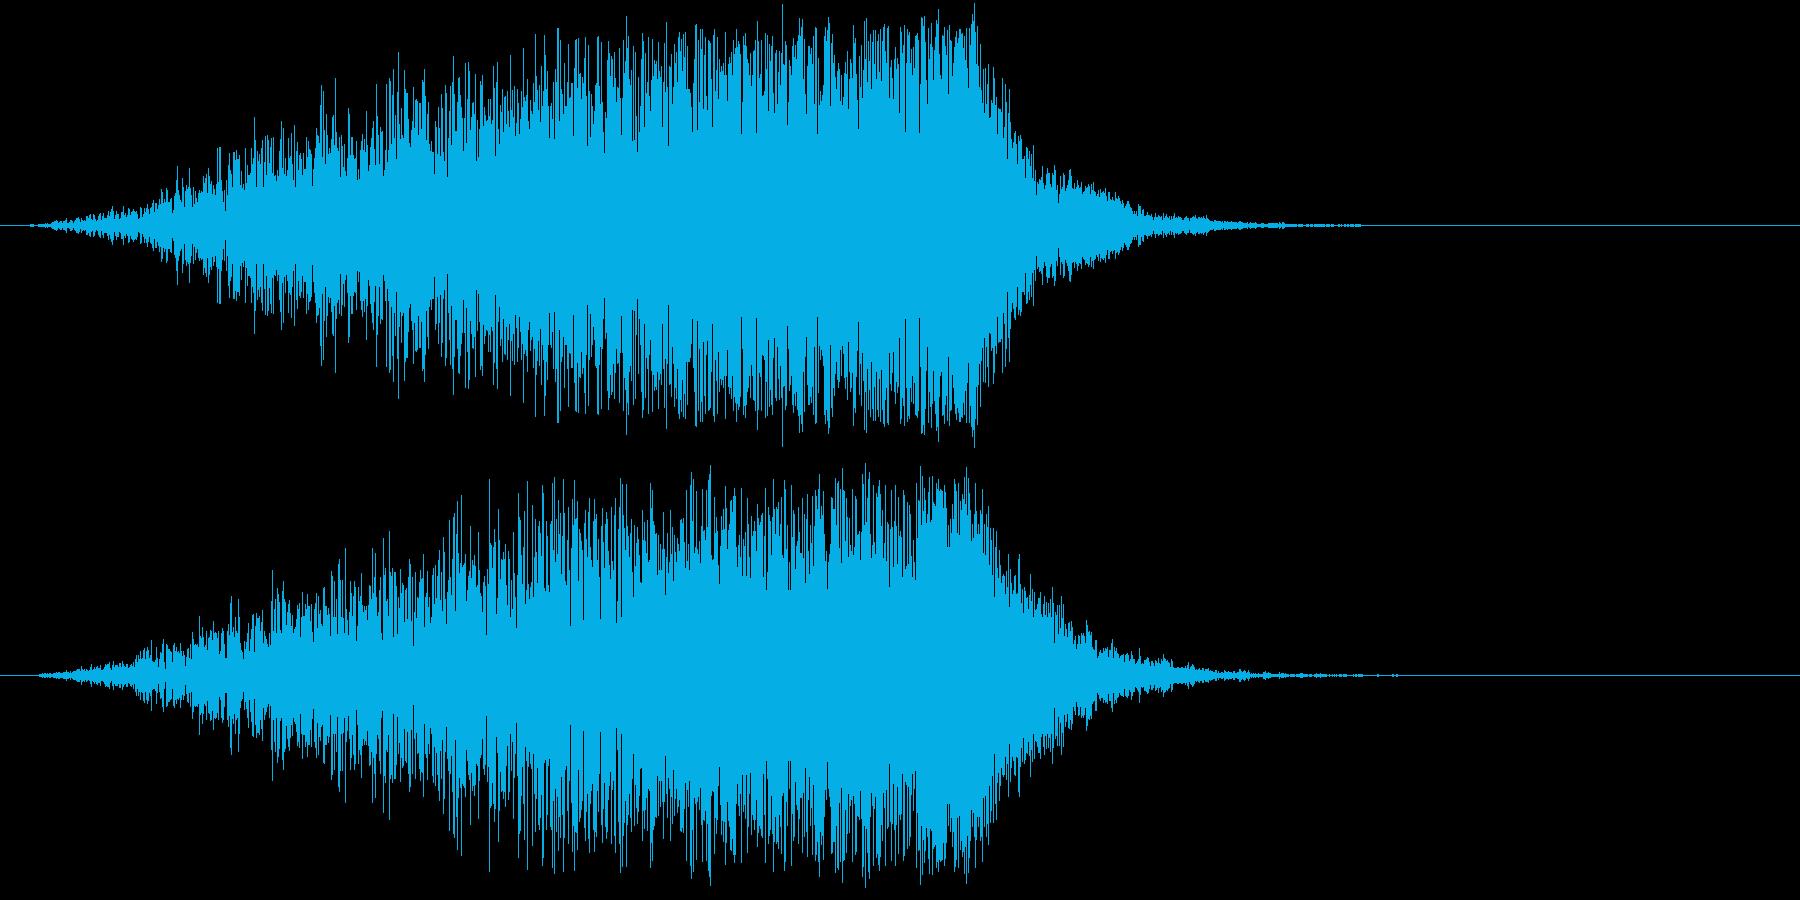 ホラー 近く 接近 恐怖 金属音 21の再生済みの波形